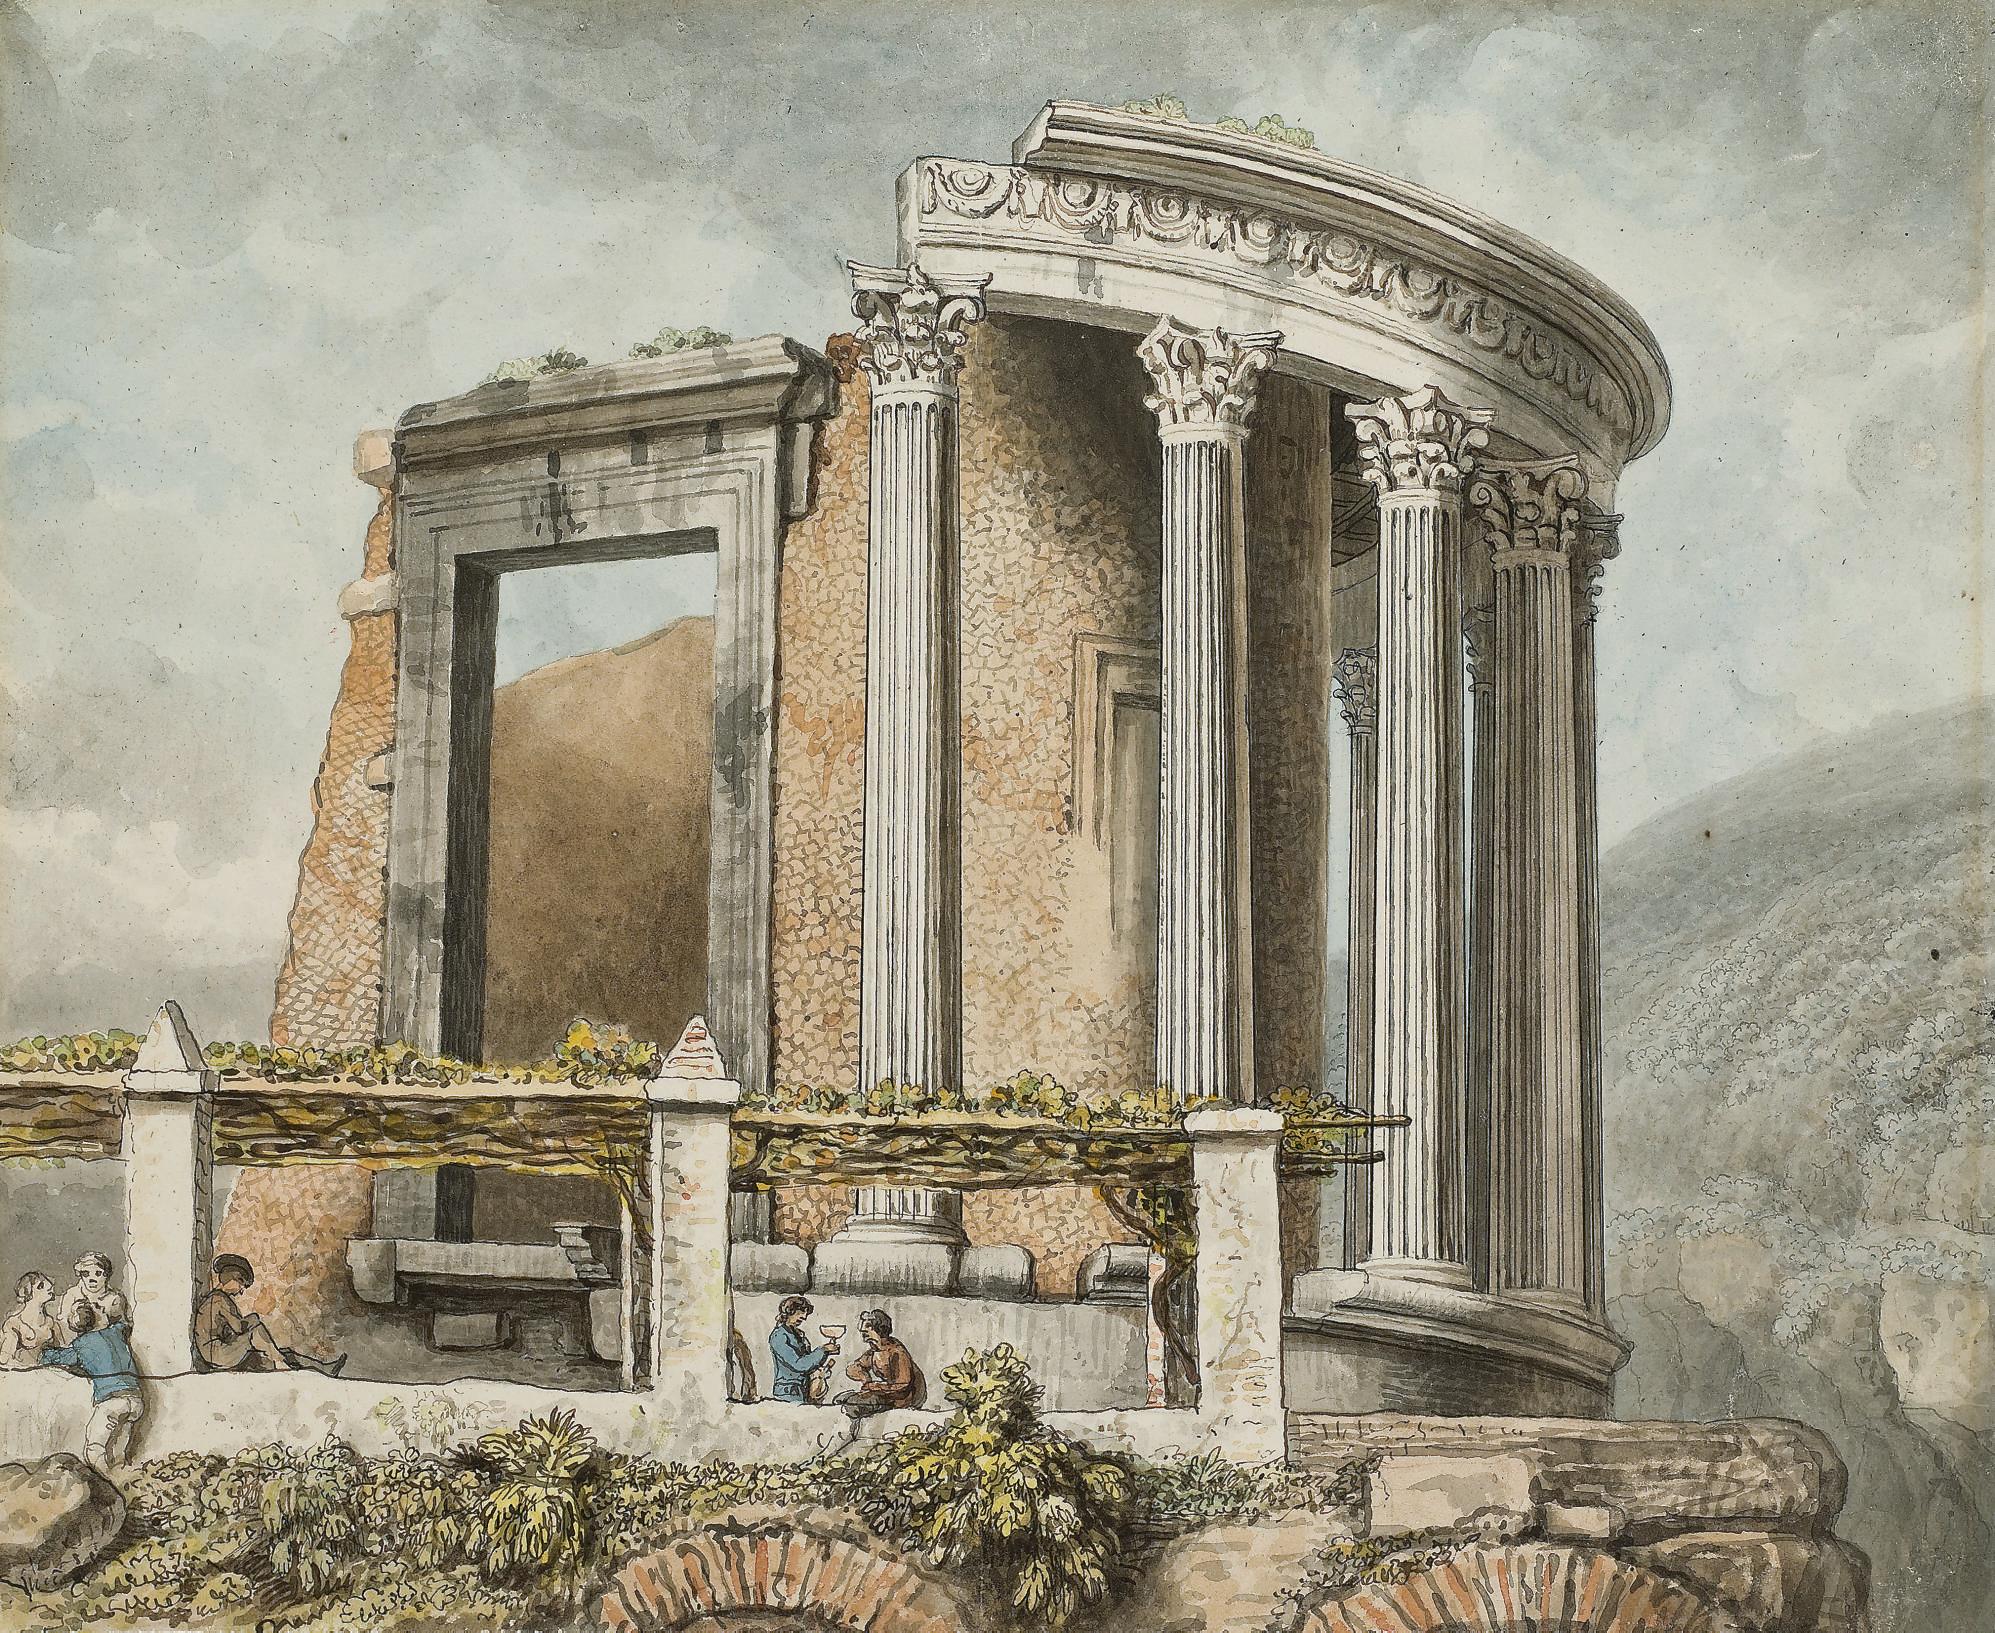 The temple of the Sibyl at Tivoli